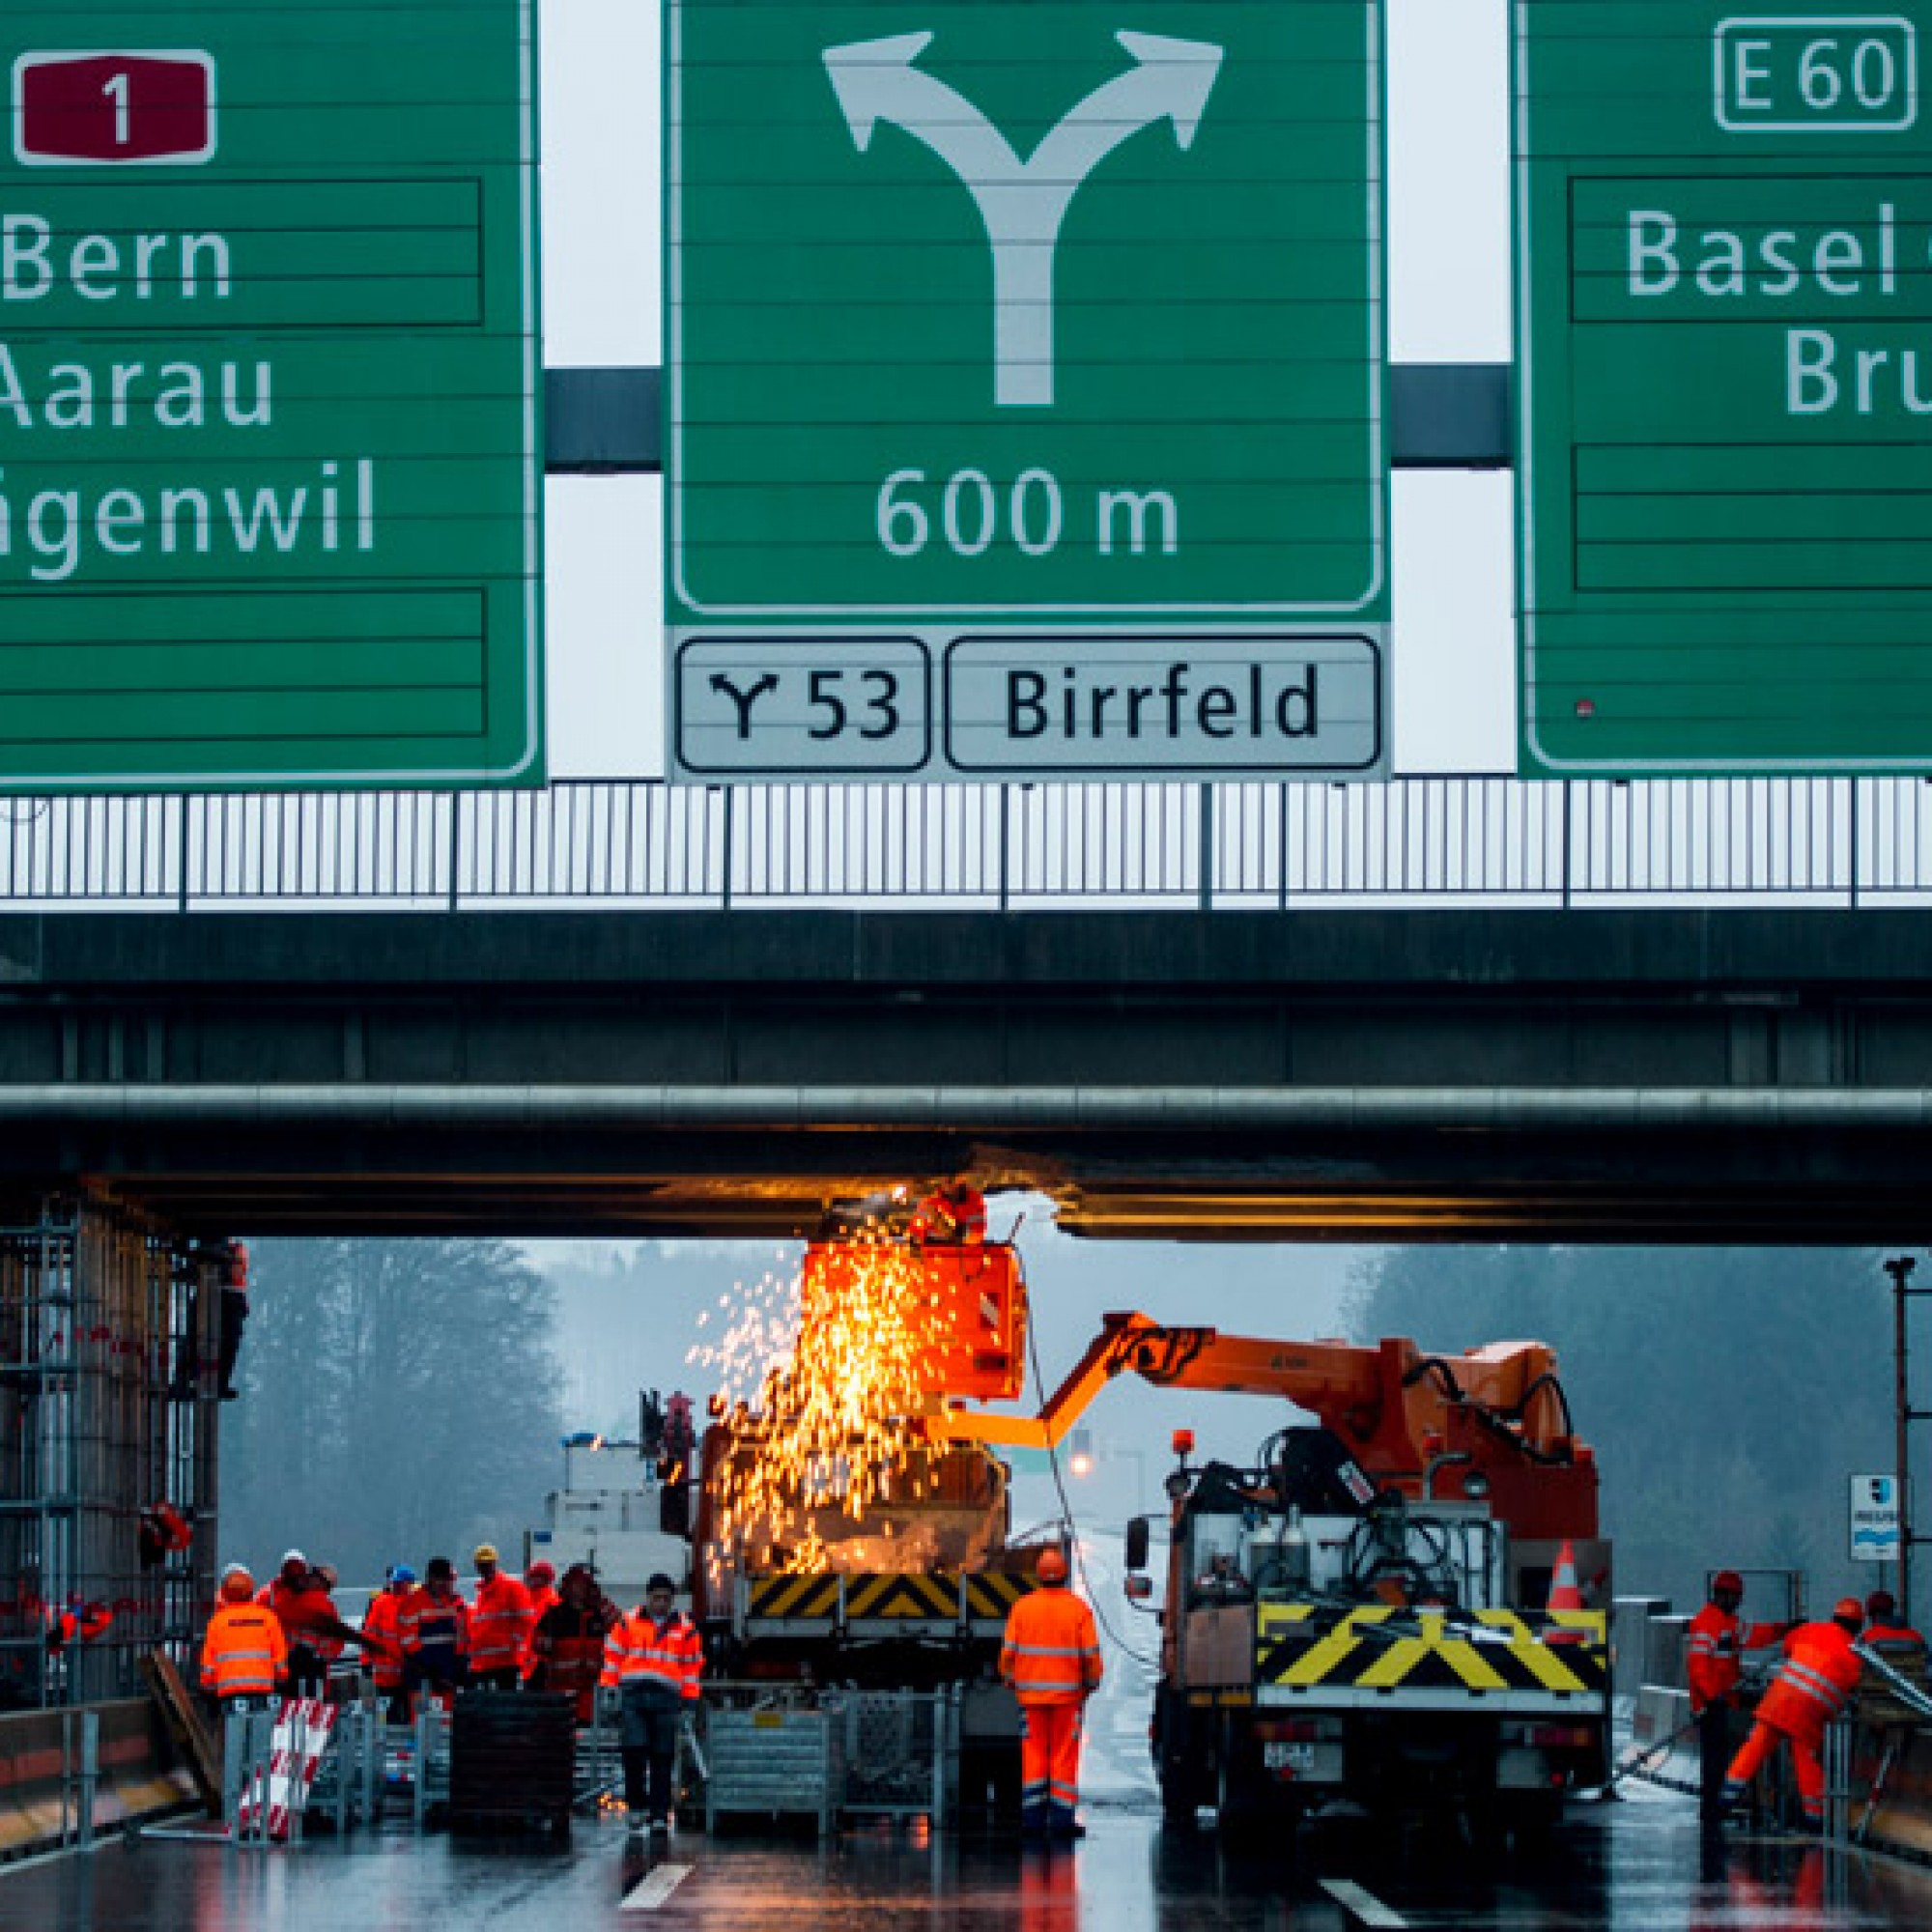 Arbeiter sichern die Bruecke nach einem Lastwagenunfall auf der A1 von Zuerich Richtung Bern/Basel, aufgenommen am Montag, 13. Januar 2014 in Birmenstorf AG. Ein mit einer Baumaschine beladener Anhaengerzug kollidierte in Fahrtrichtung Bern mit der Ueberf